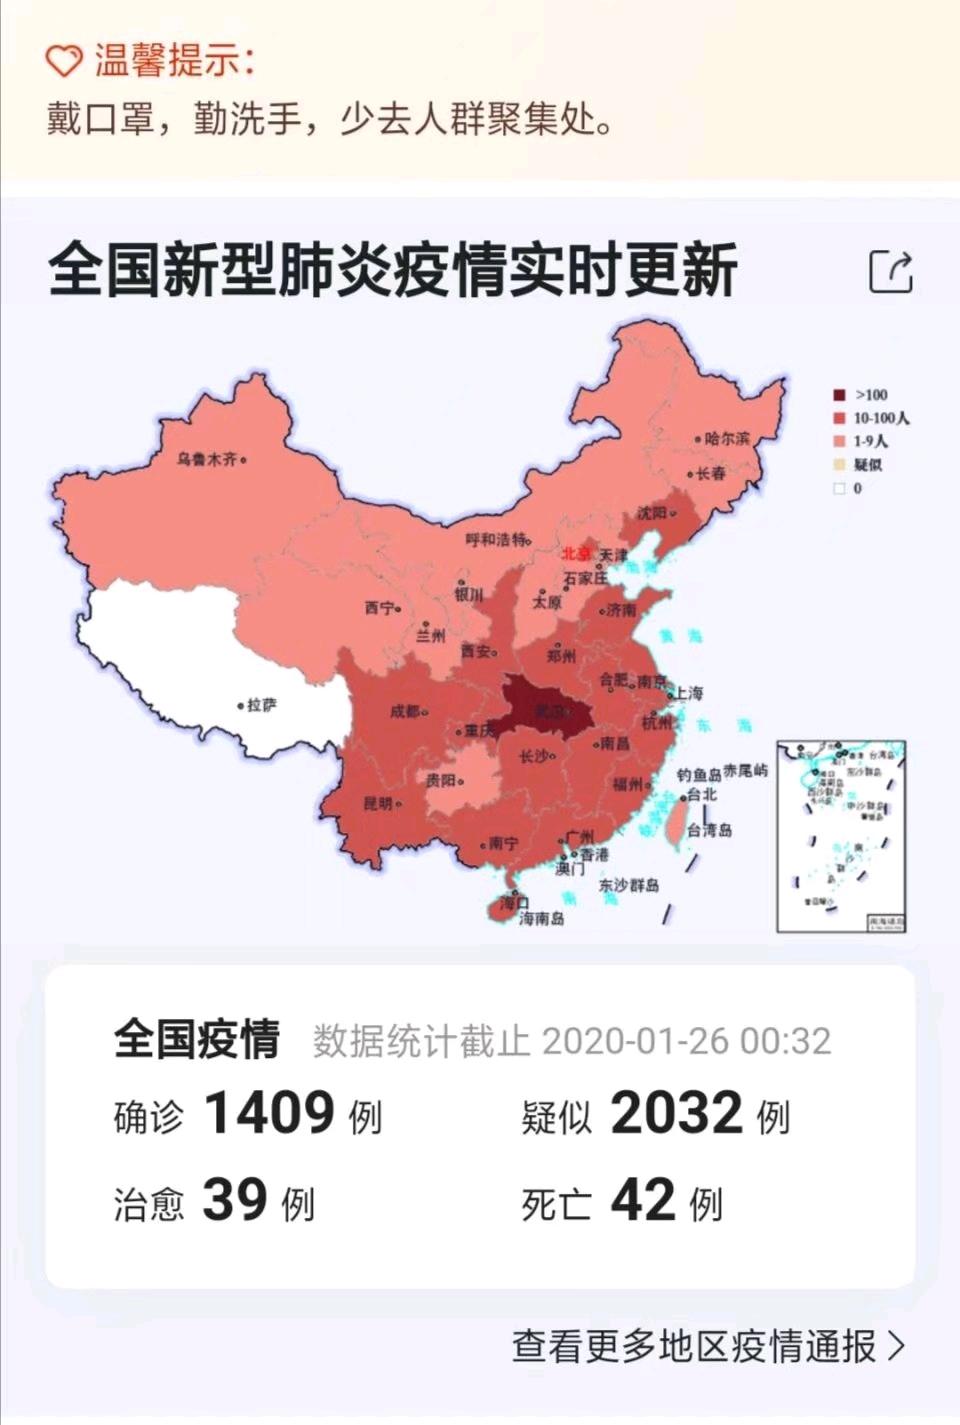 新型冠状病毒肺炎爆发(武汉加油)图片